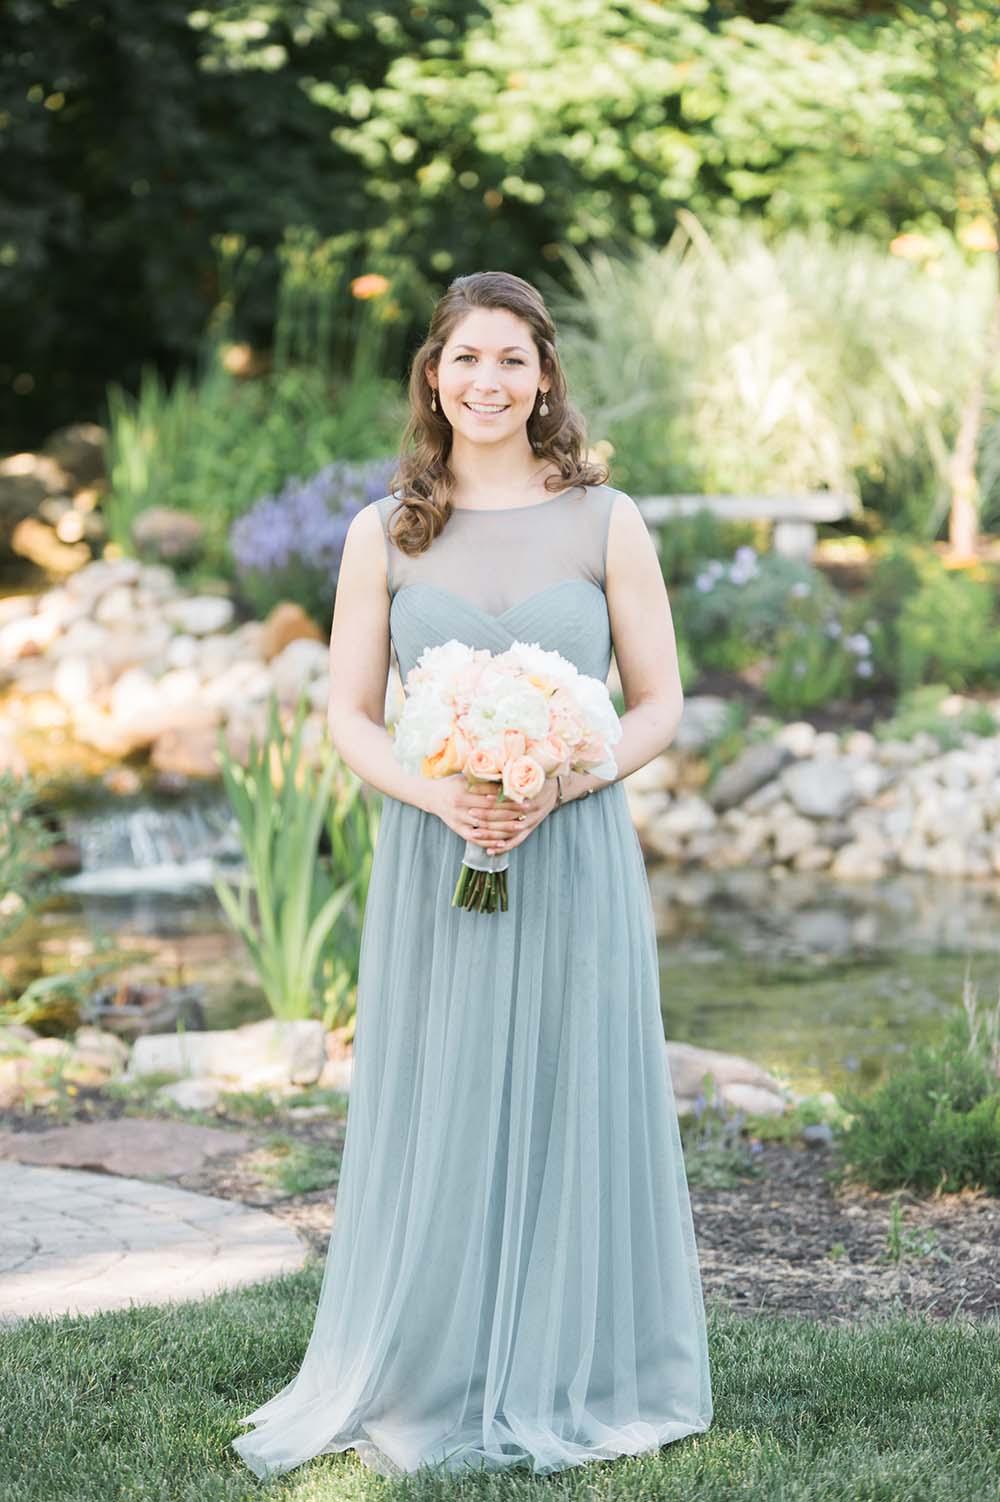 farmington-gardens-wedding-greg-lewis-photography-20